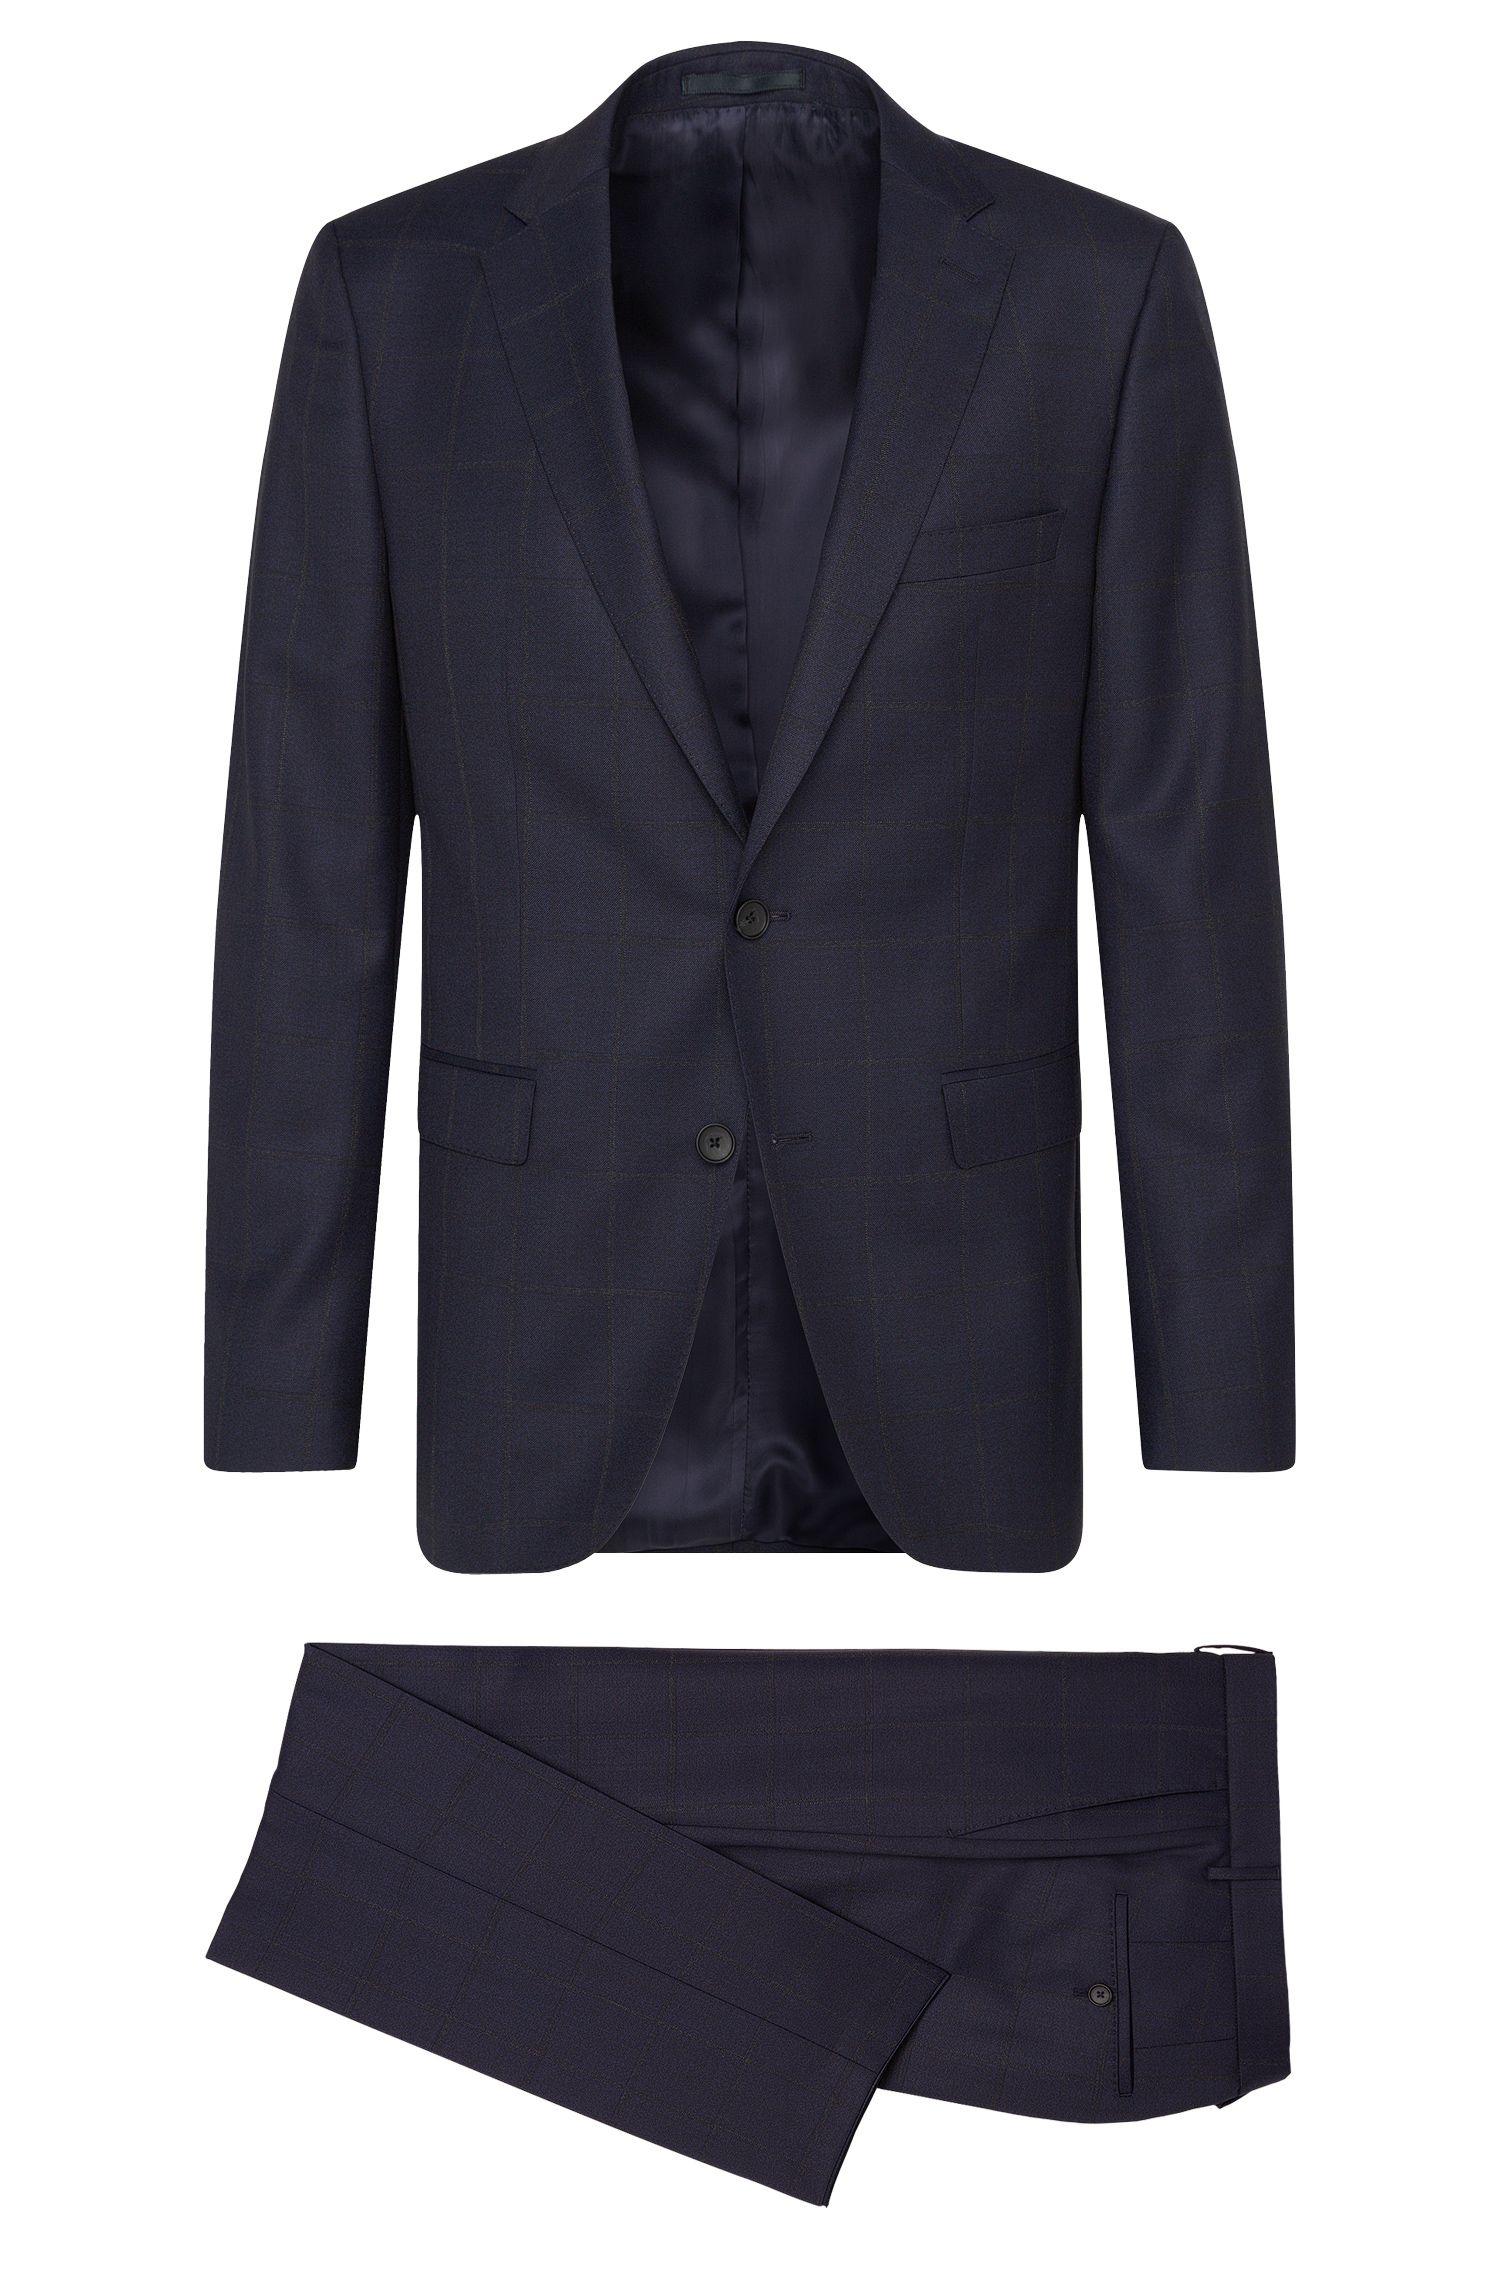 'Novan/Ben' | Slim Fit, Italian Super 120 Virgin Wool Suit